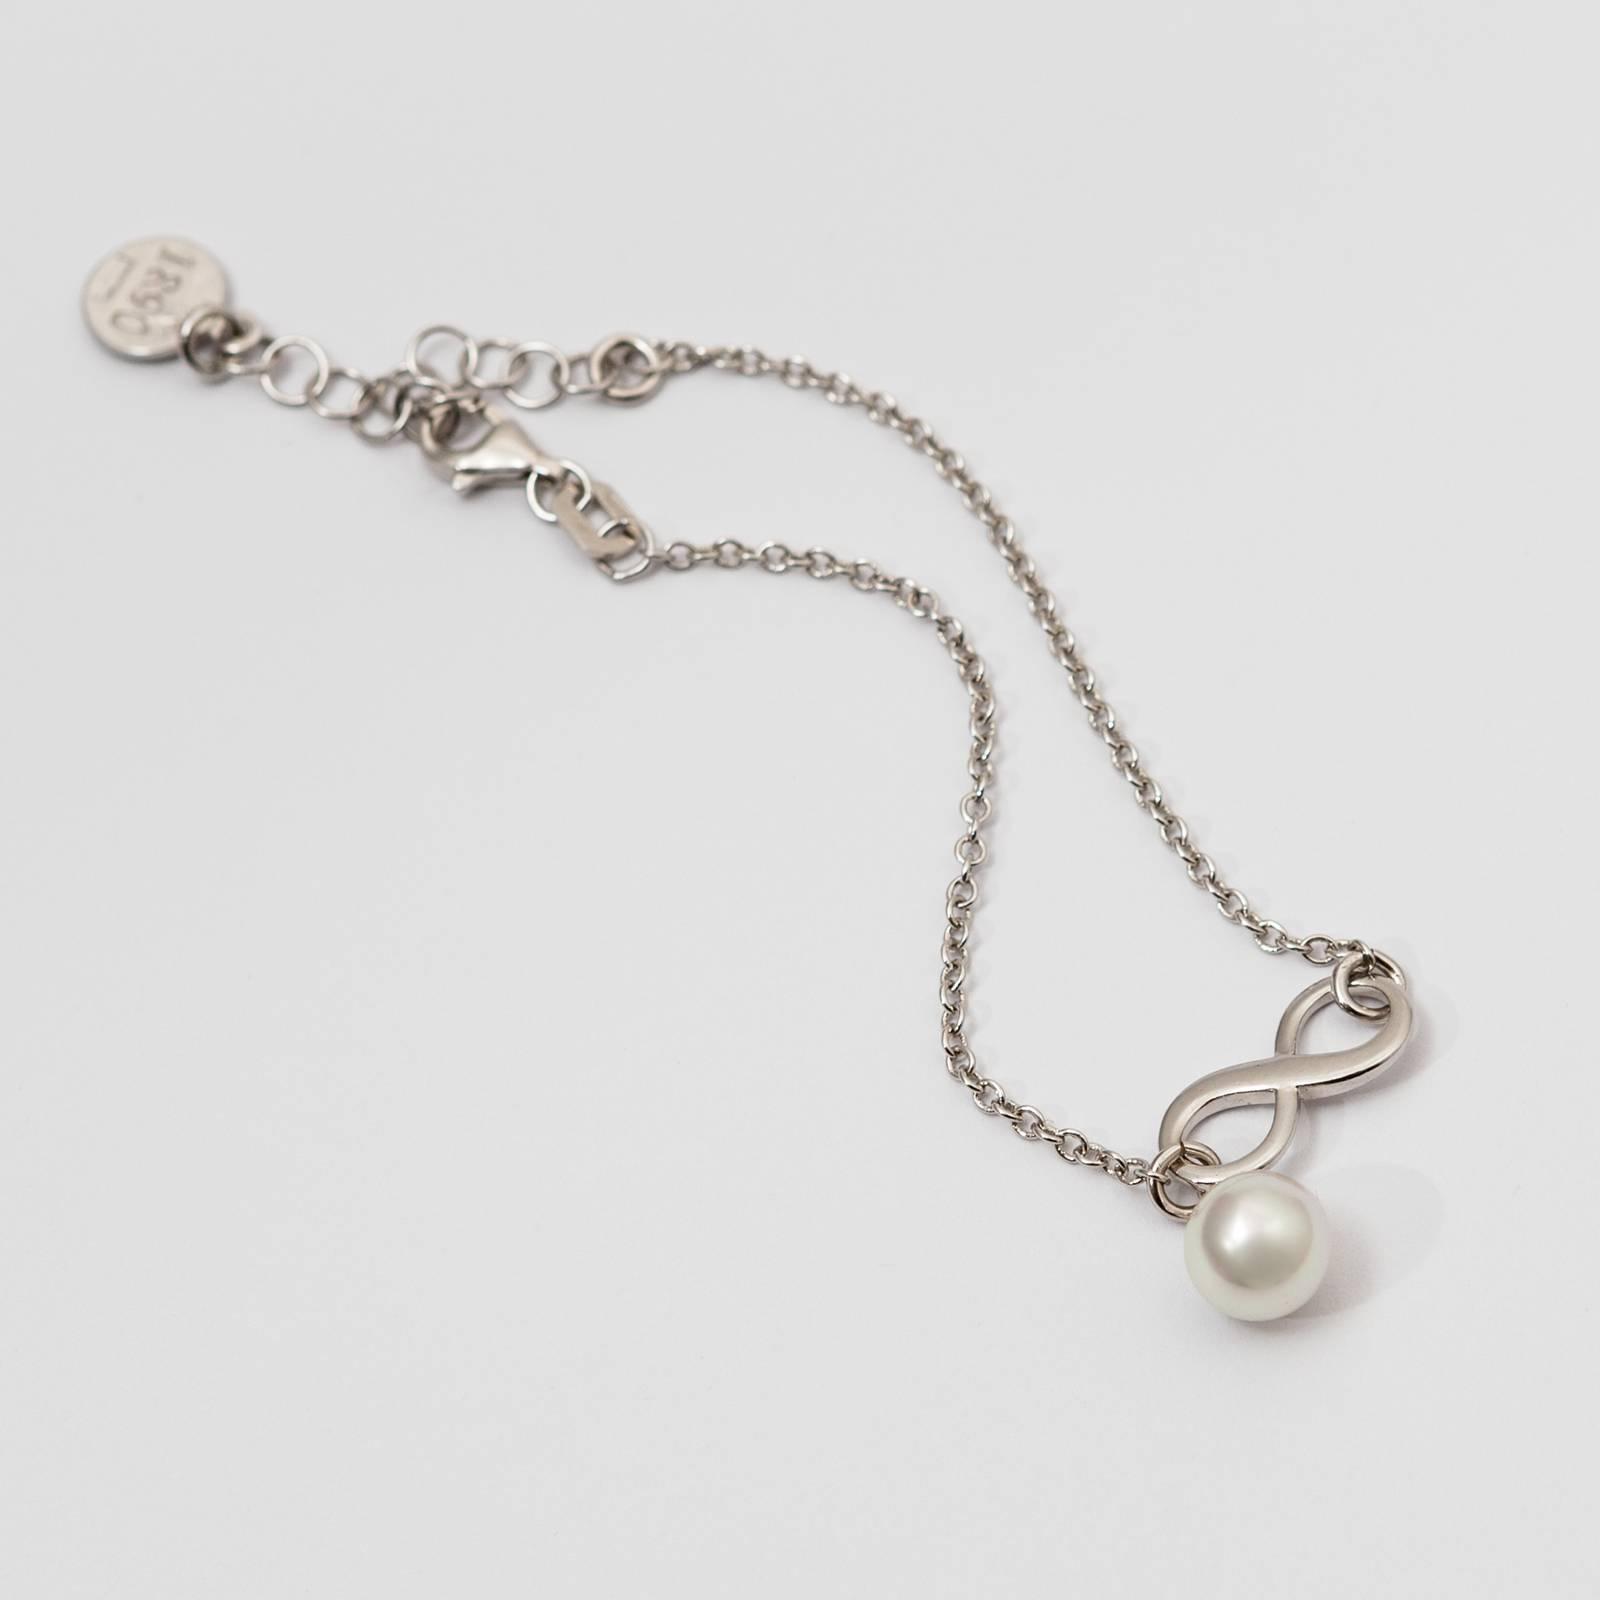 Pulseira Fine Silver - 15253.01.2